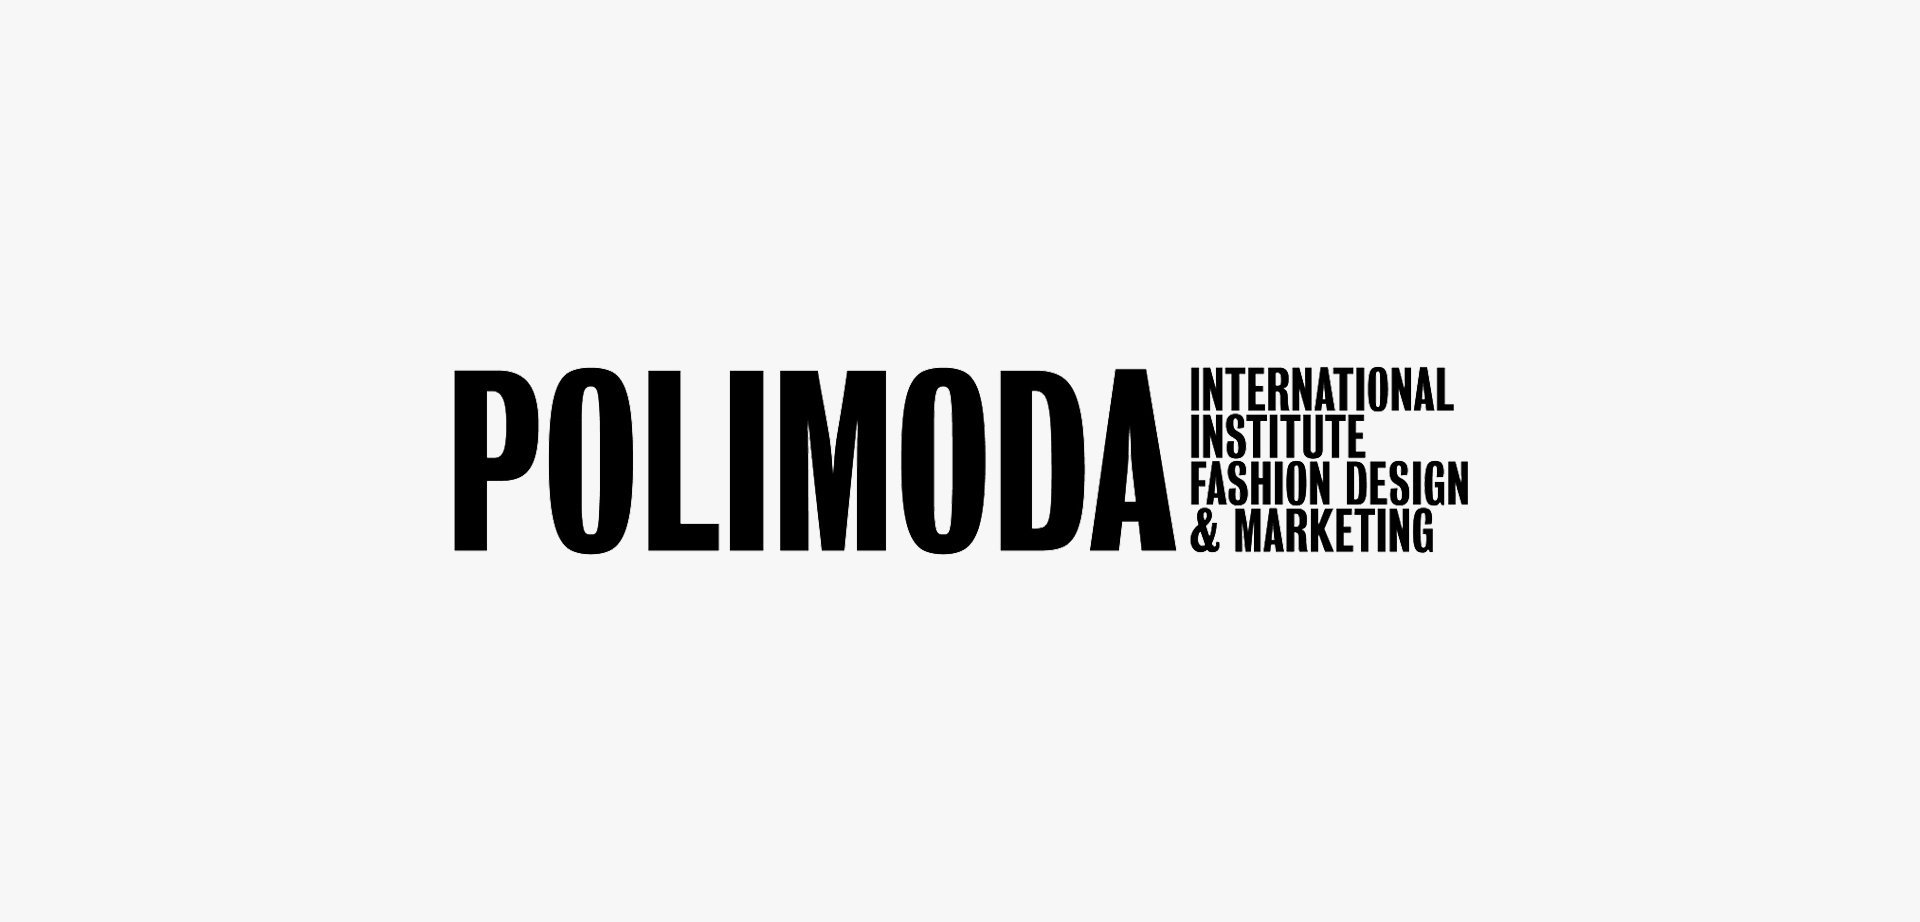 Polimoda Institute